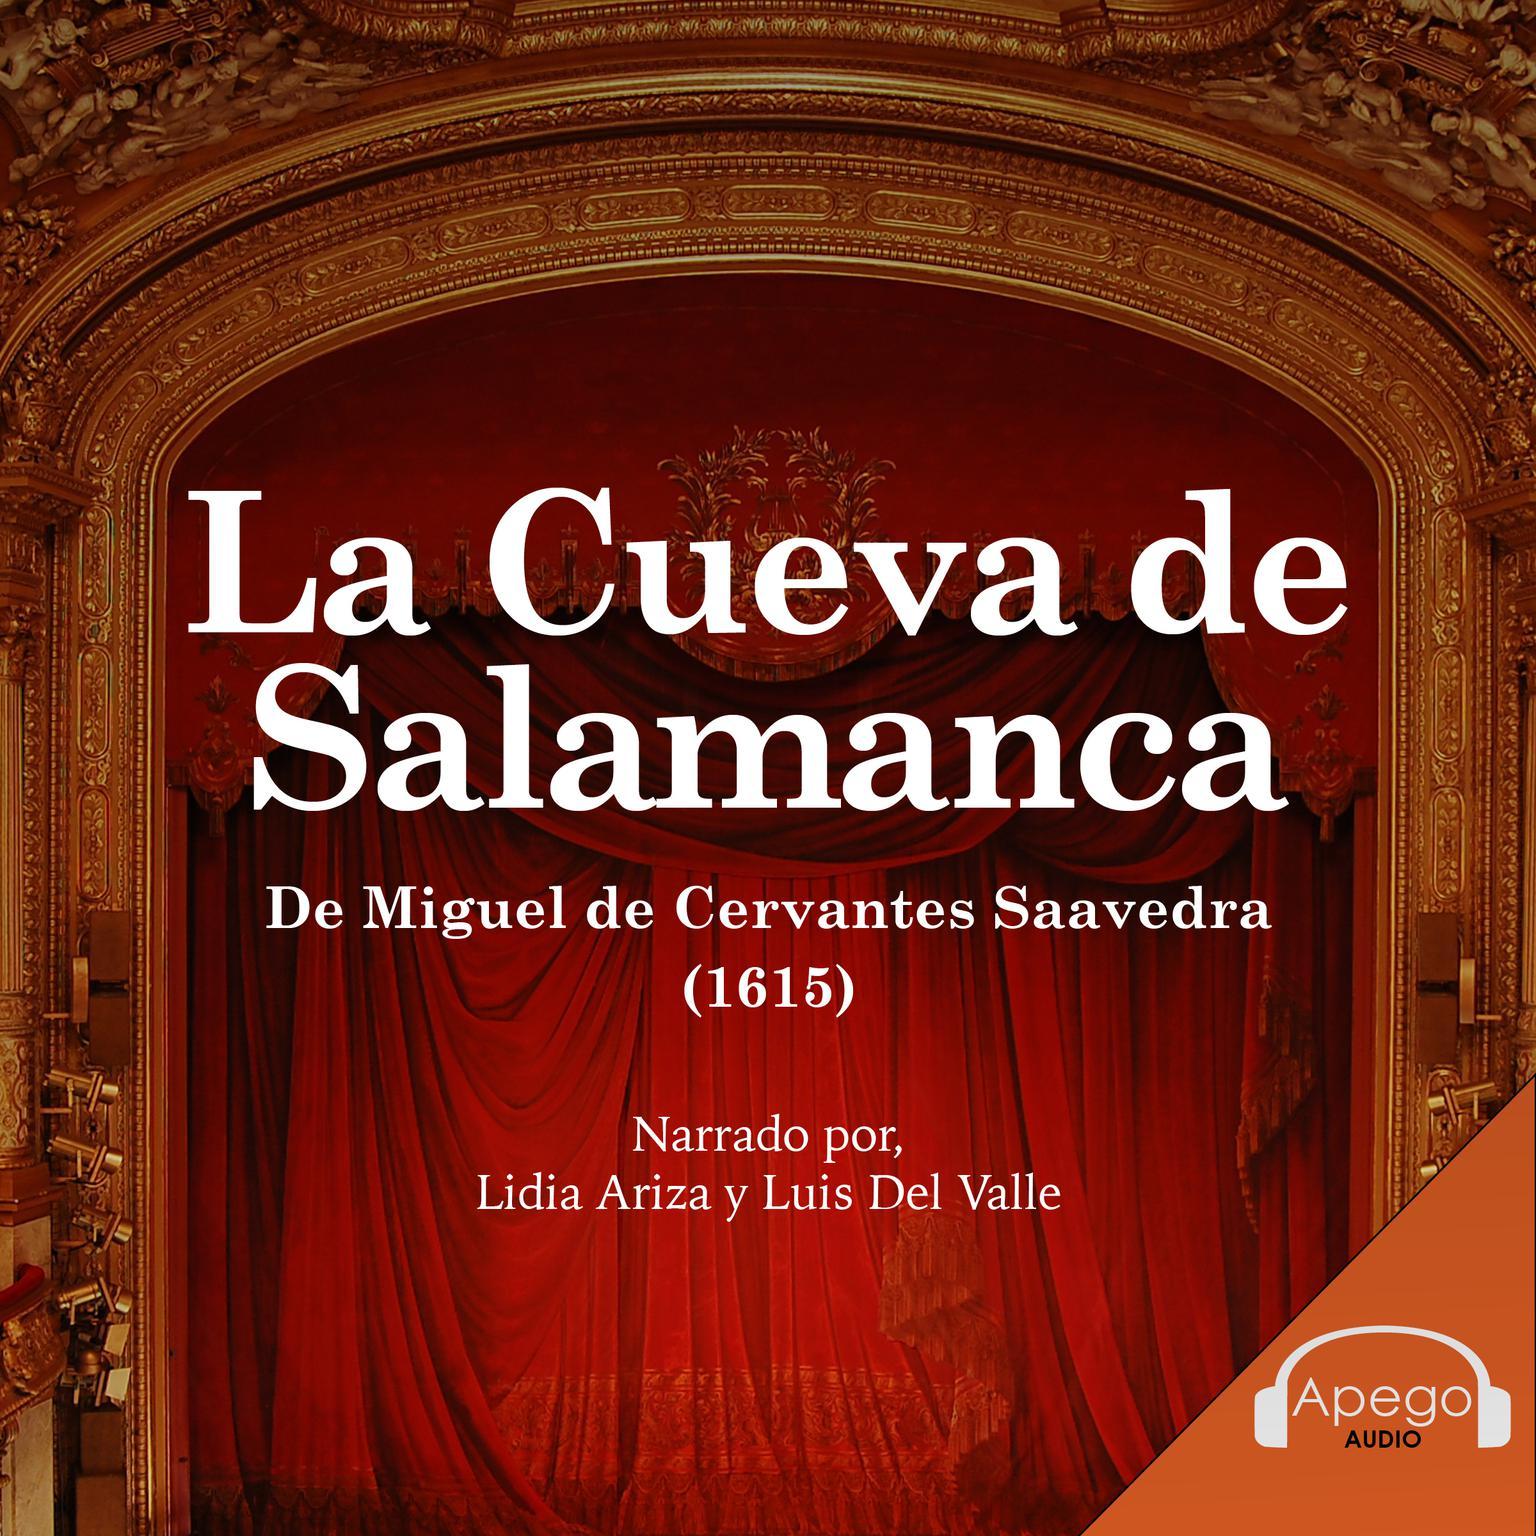 La Cueva de Salamanca Audiobook, by Miguel de Cervantes